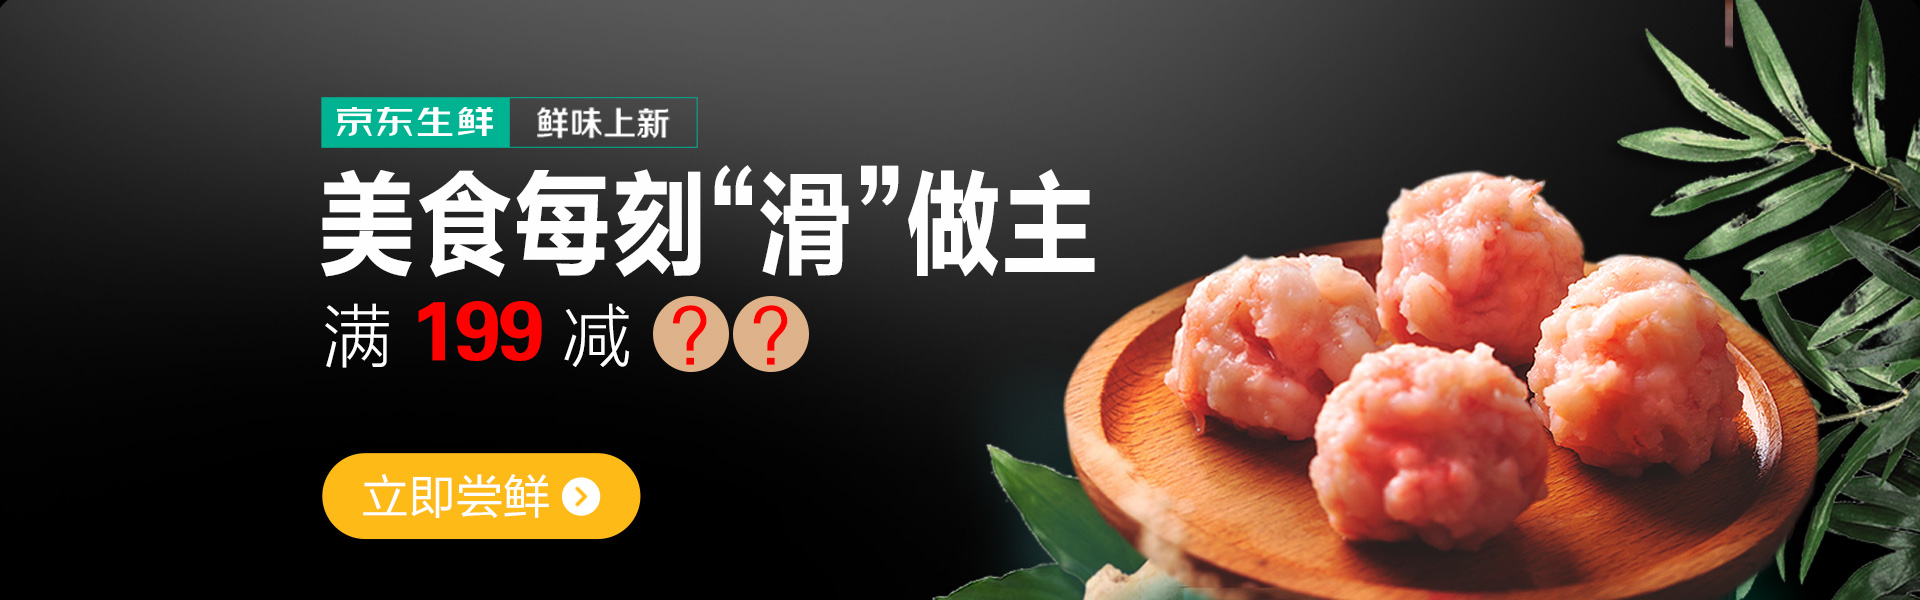 京東蝦滑上新